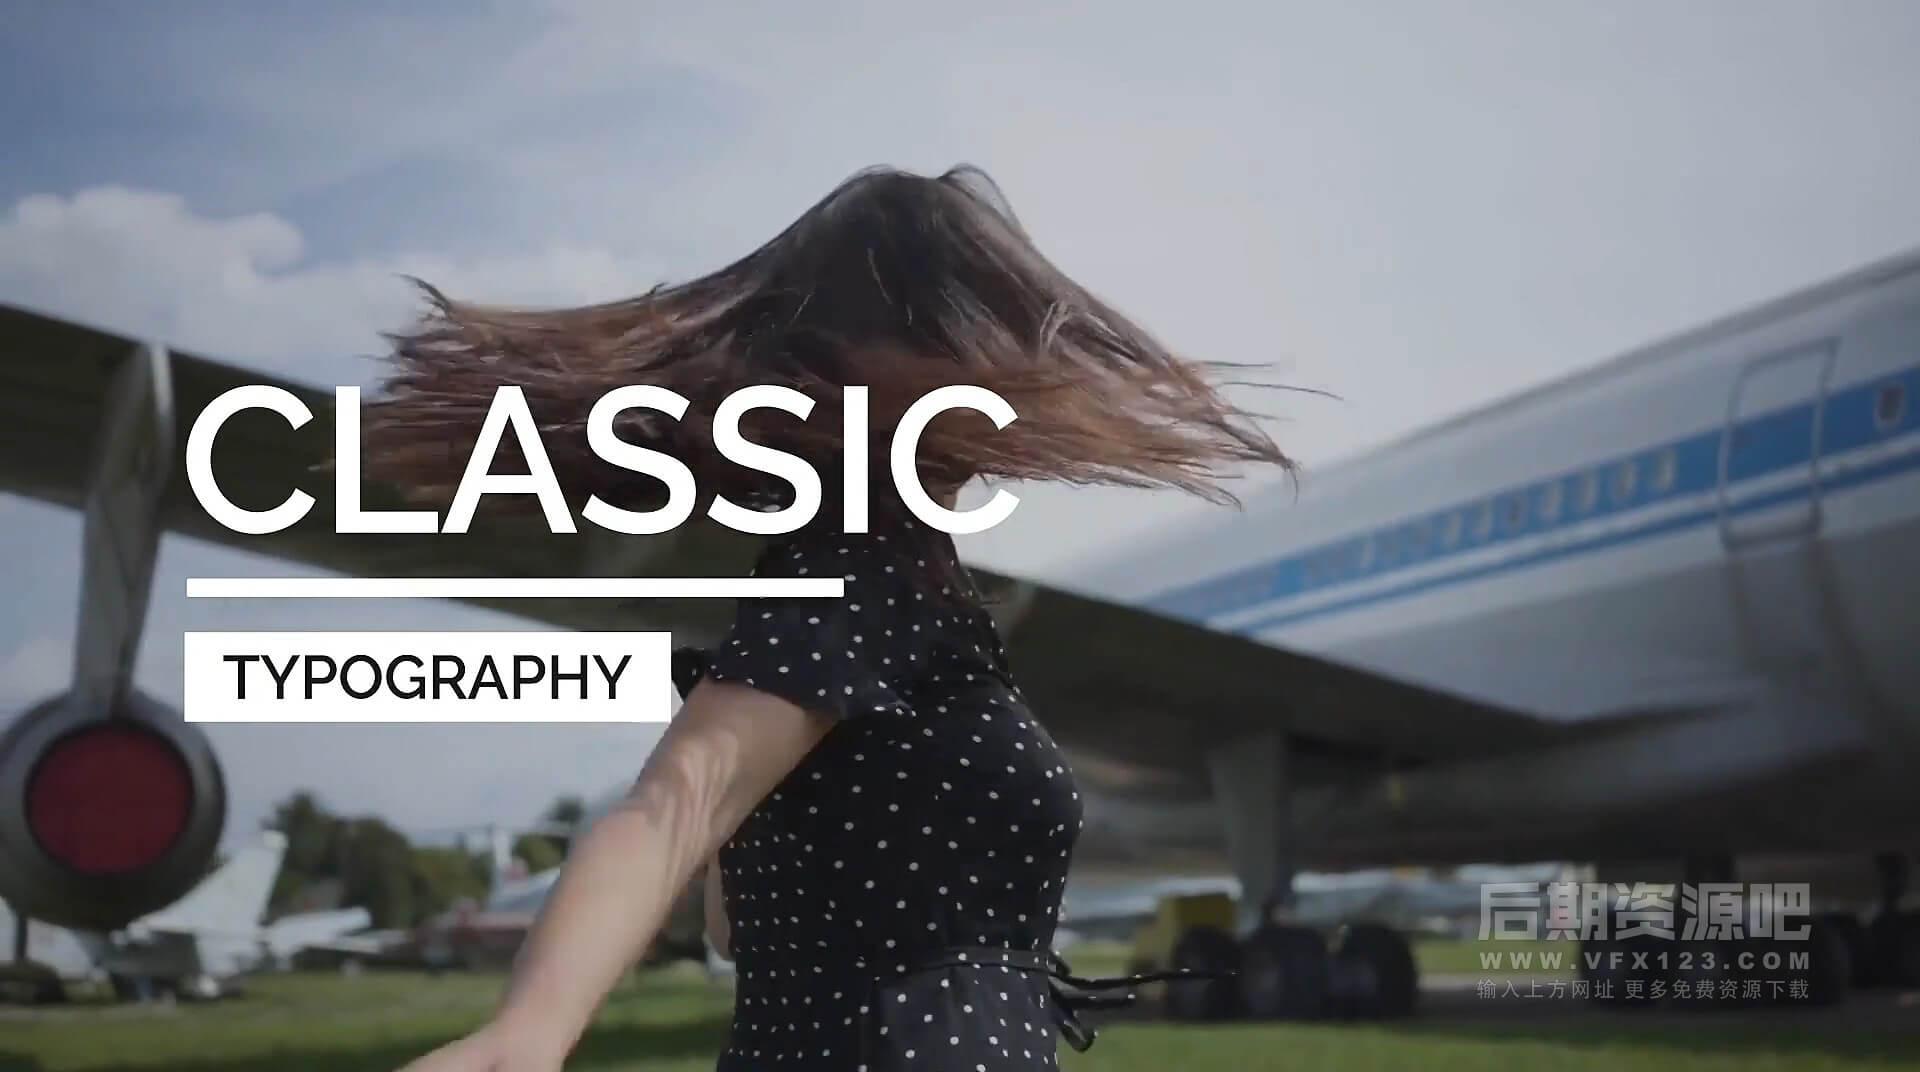 Fcpx标题插件 20组4K简洁时尚Vlog常用大标题模板 Essential Titles V.1